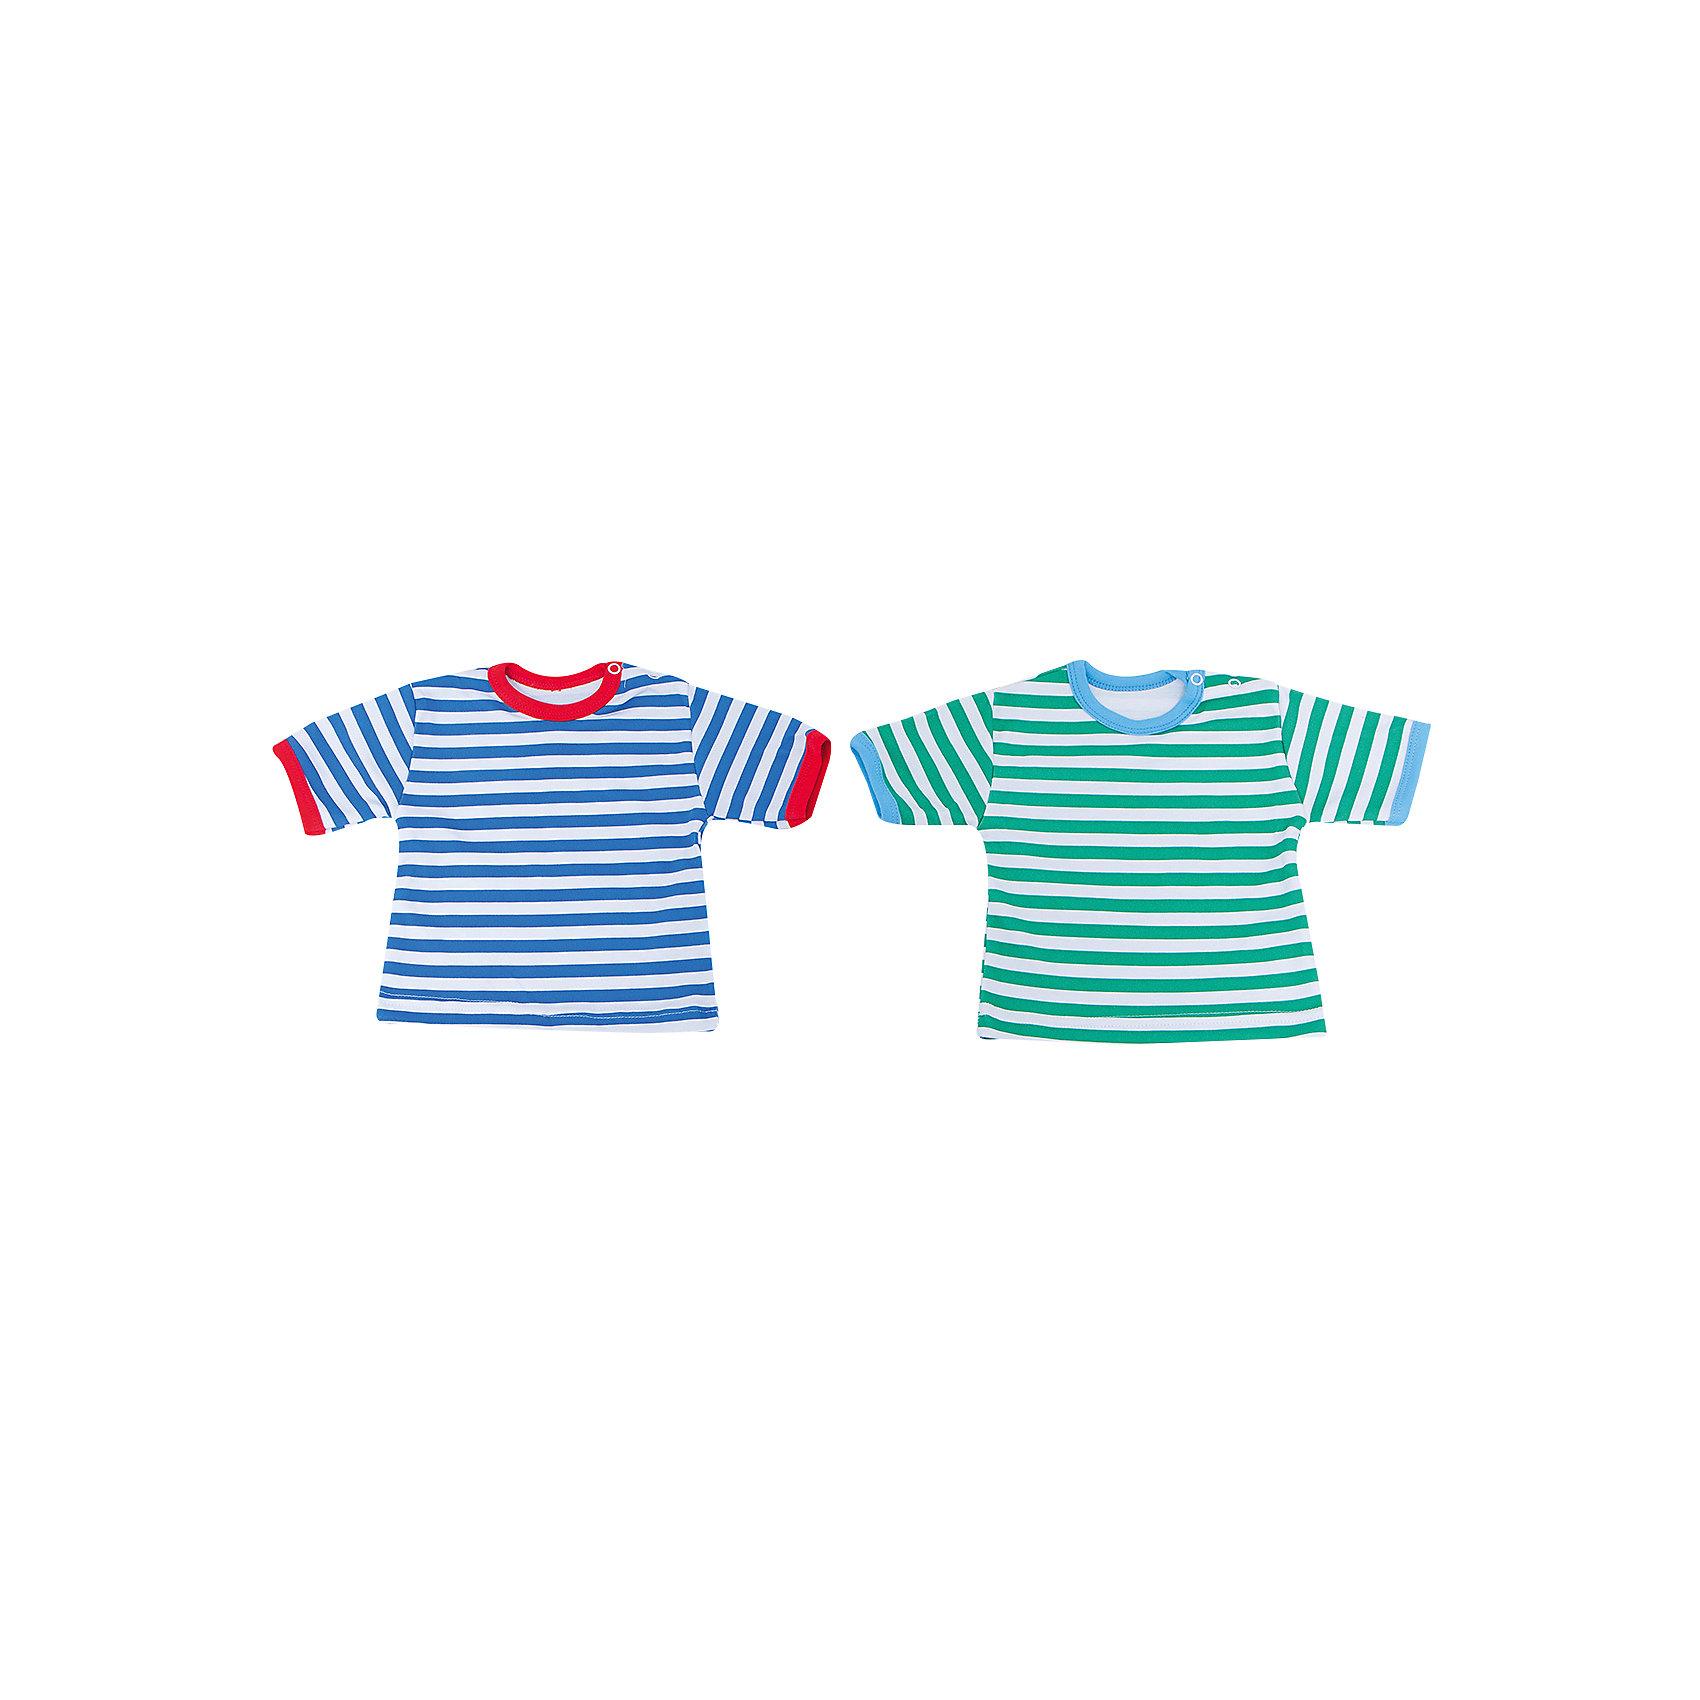 Футболка для мальчика, 2 шт. Веселый малышФутболки, топы<br>Выбирая одежду для ребенка, отвественные родители обращают внимение на множество деталей. Одежда для малышей должна быть удобной и качественной - это один из необходимых факторов для правильного развития и хорошего самочувствия ребенка.<br>Эти футболки отличаются высоким качеством швов, окантовкой краёв, что позволяет им хорошо фиксироваться на теле малыша, не сползать и не натирать. Застежки - удобные кнопки, которые не мешают ребенку. Материал - интерлок. Это плотная ткань из натурального хлопка, гладкая, приятная на ощупь, дышащая и гипоаллергенная. Расцветка изделий позволяет легко комбинировать их с различной одеждой. В наборе - две футболки разных цветов.<br><br>Дополнительная информация:<br><br>материал: 100% хлопок интерлок;<br>застежки: кнопки;<br>короткий рукав;<br>комплектация: 2 футболки.<br><br>Комплект футболок от бренда Веселый малыш можно купить в нашем магазине.<br><br>Ширина мм: 157<br>Глубина мм: 13<br>Высота мм: 119<br>Вес г: 200<br>Цвет: зеленый<br>Возраст от месяцев: 3<br>Возраст до месяцев: 6<br>Пол: Мужской<br>Возраст: Детский<br>Размер: 68,86,80,74<br>SKU: 4811034